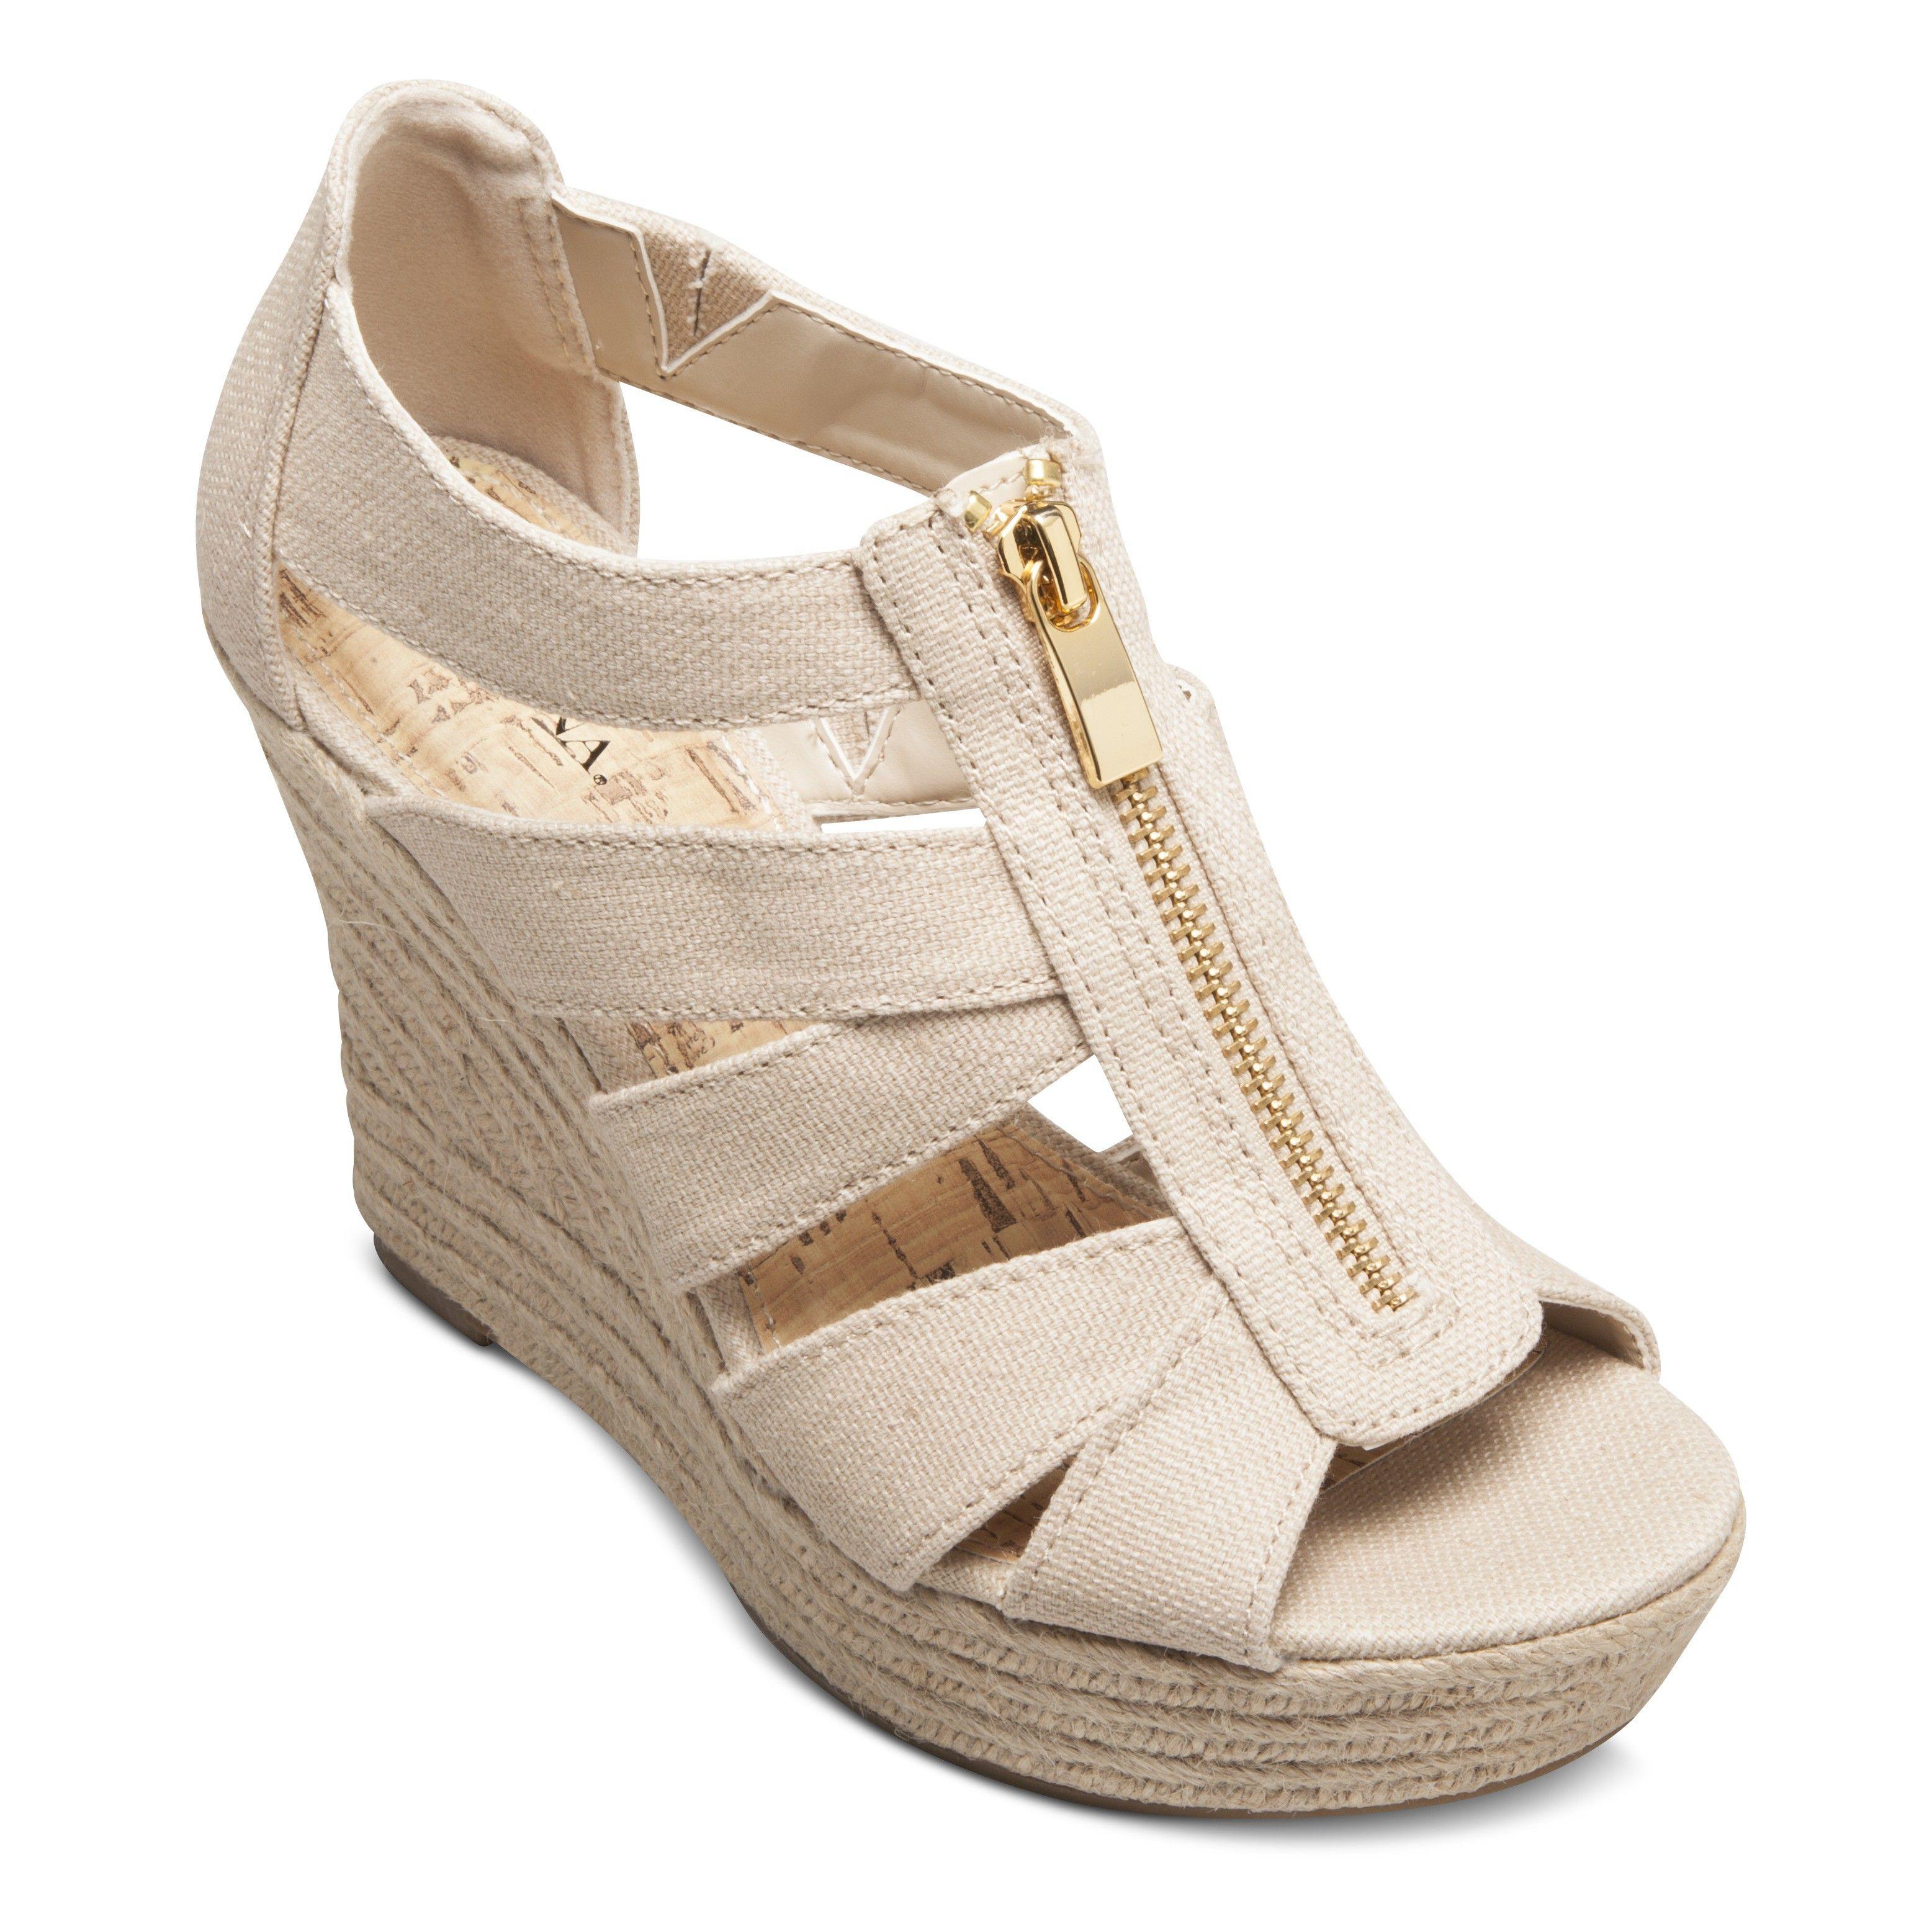 Women's Meredith Zipper Wedge Sandals